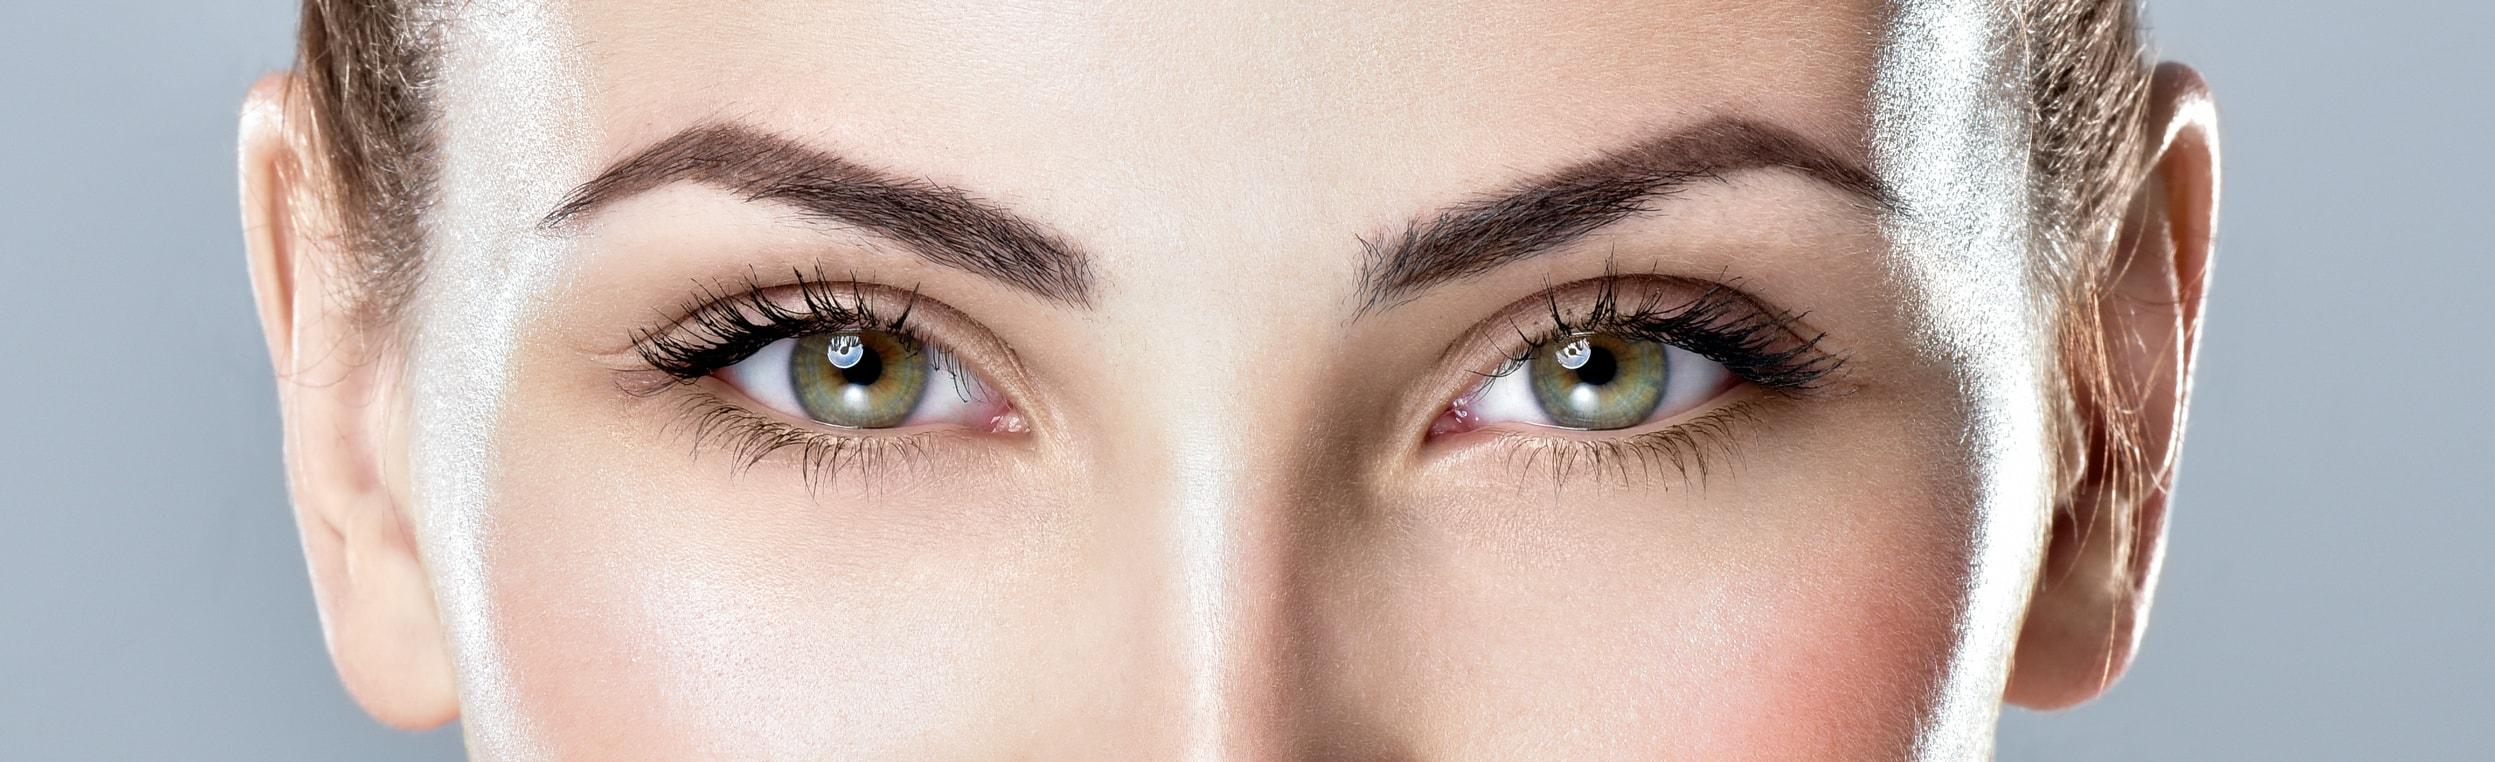 implant sourcil réussis pour un visage radieux